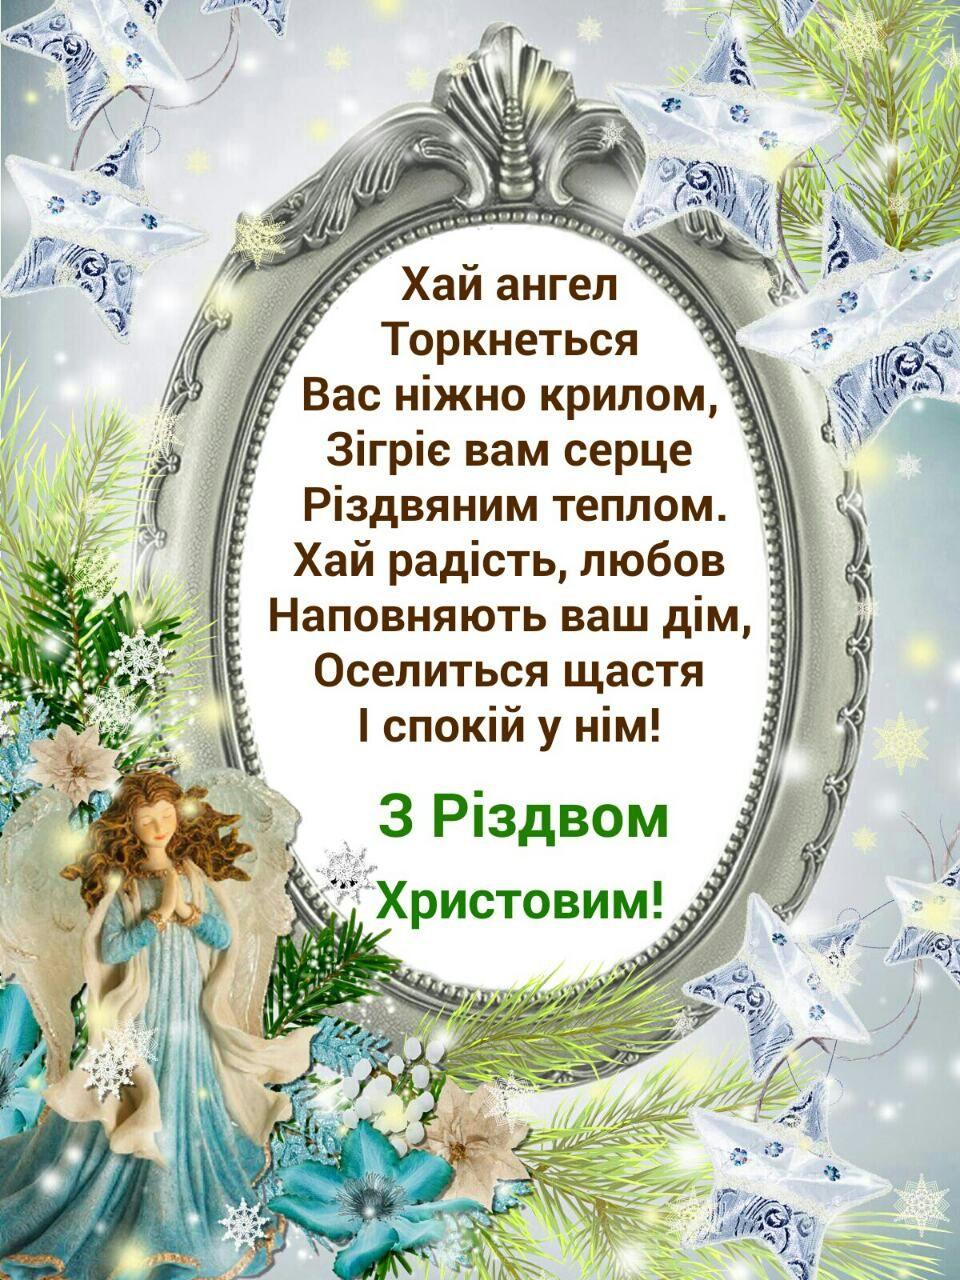 Стихи поздравления и пожелания к золотой свадьбе как глина